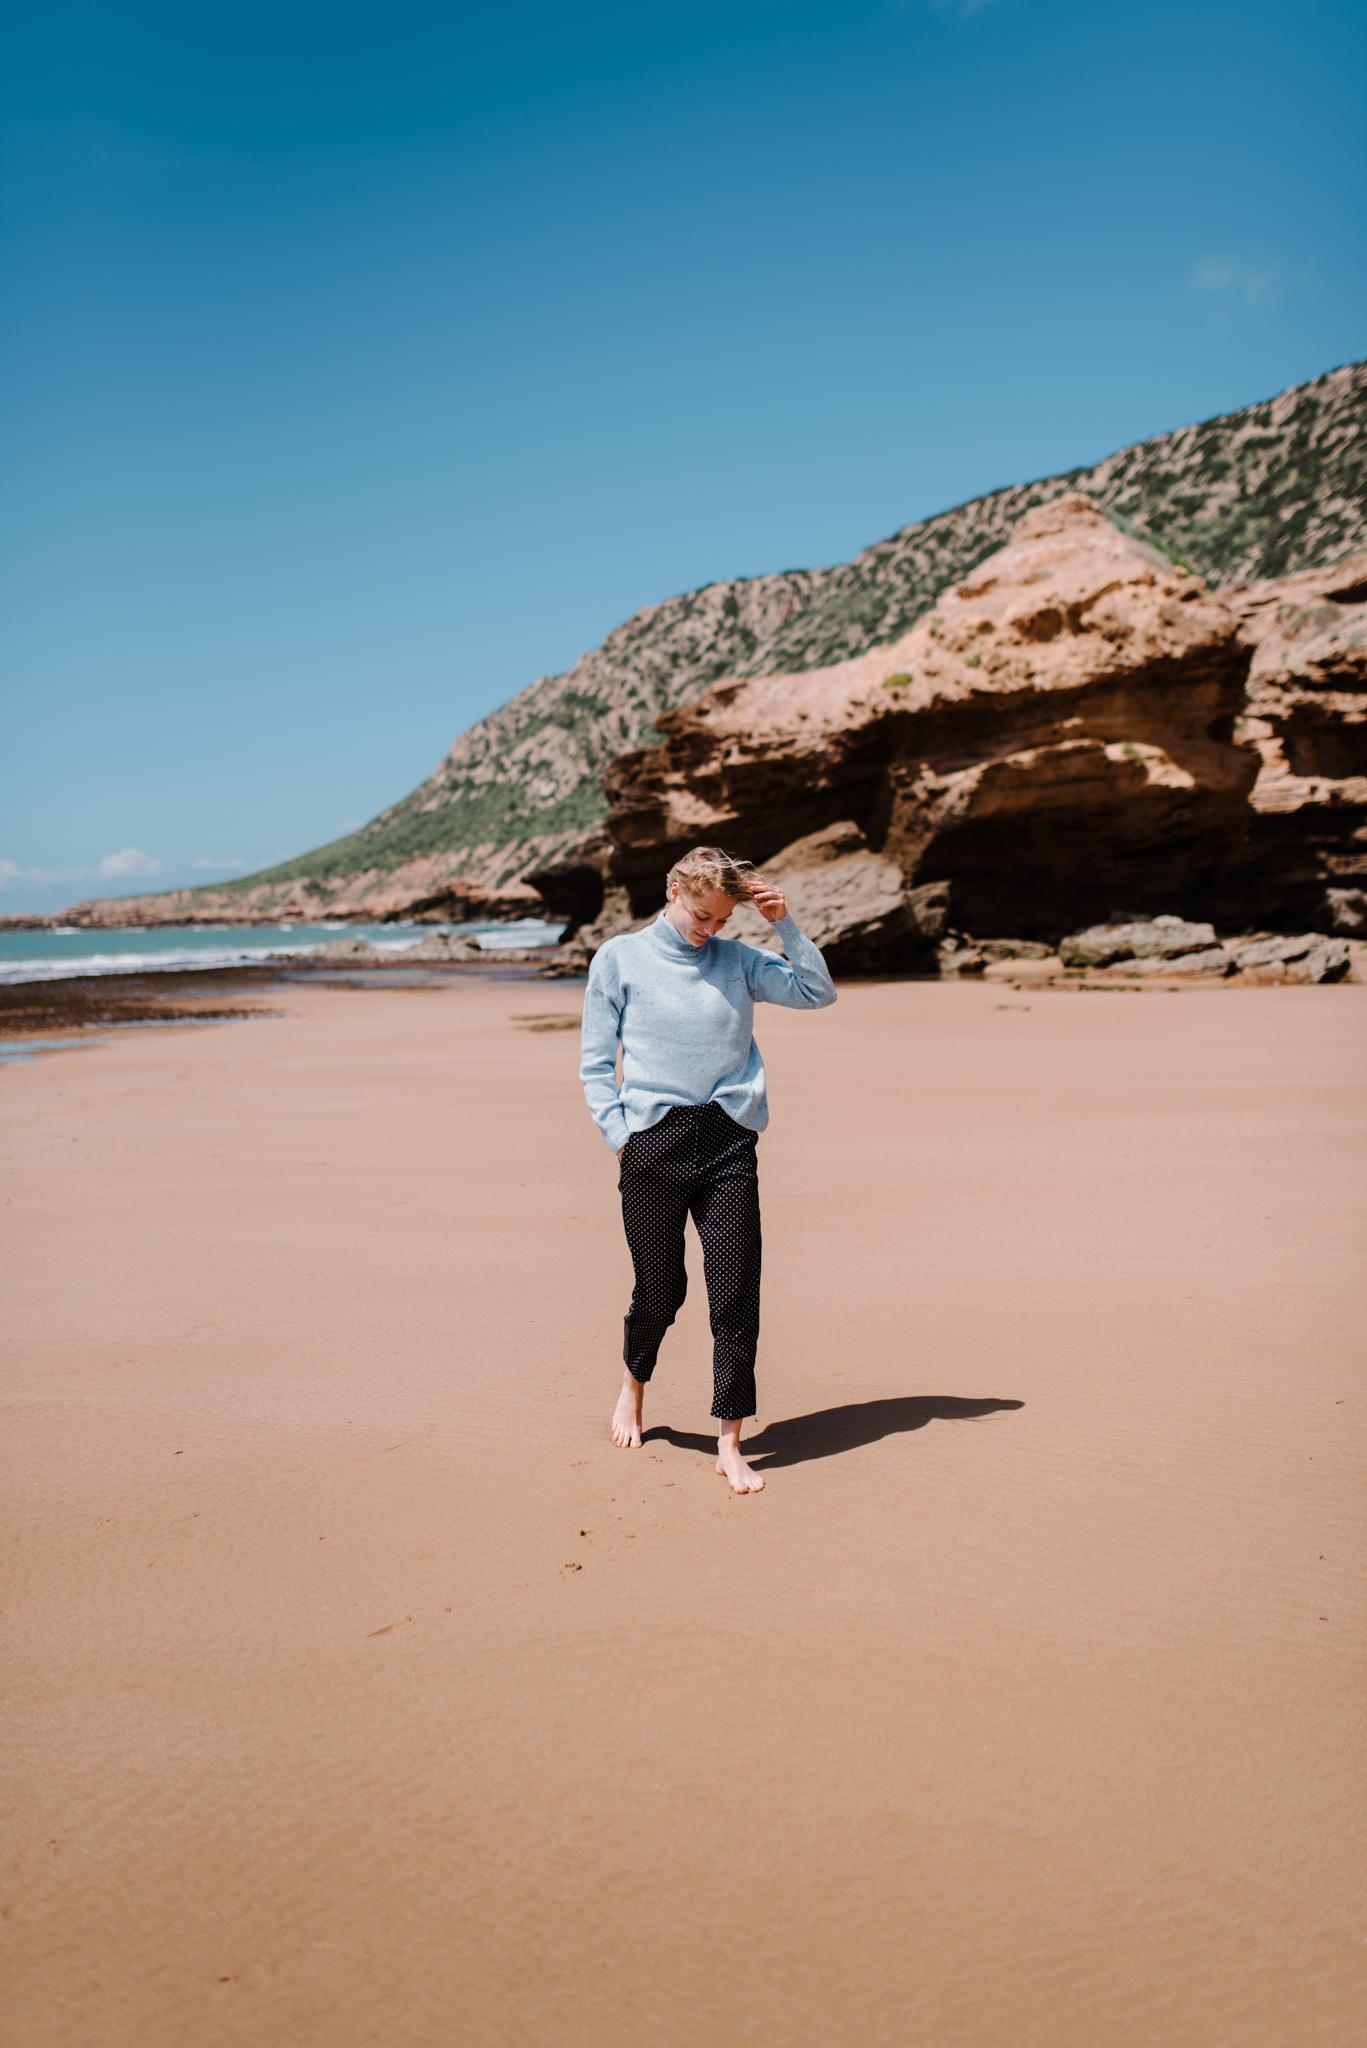 Anoukfotografeert Marokko reis-397